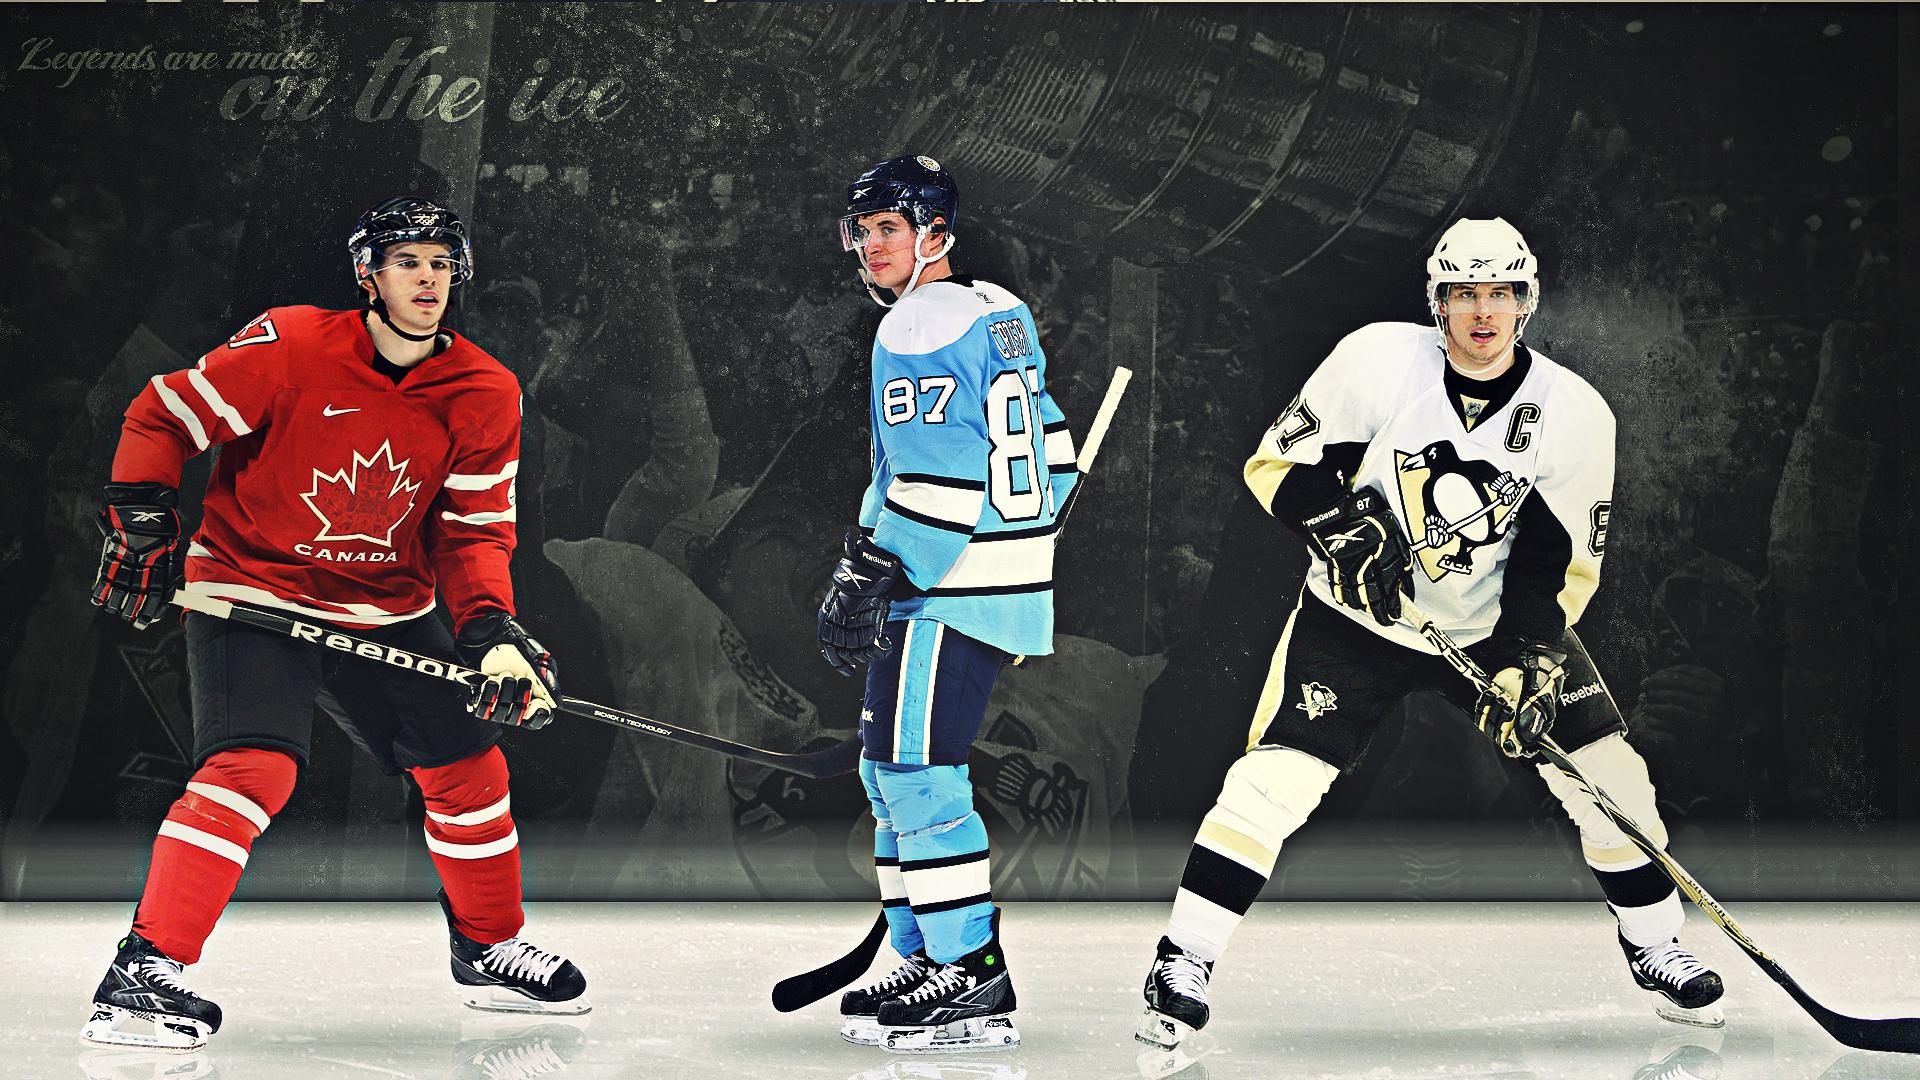 Обои на рабочий стол 1366х768 хоккей